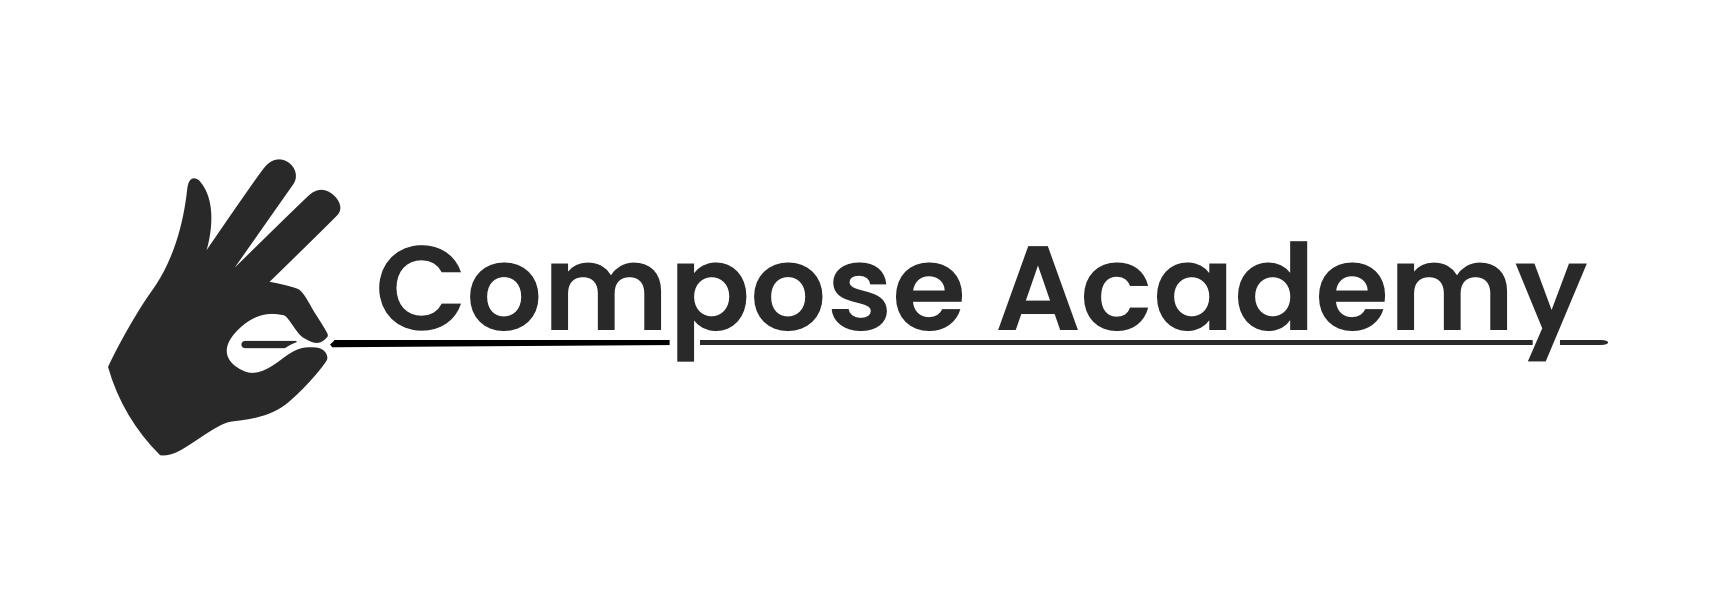 Compose Academy